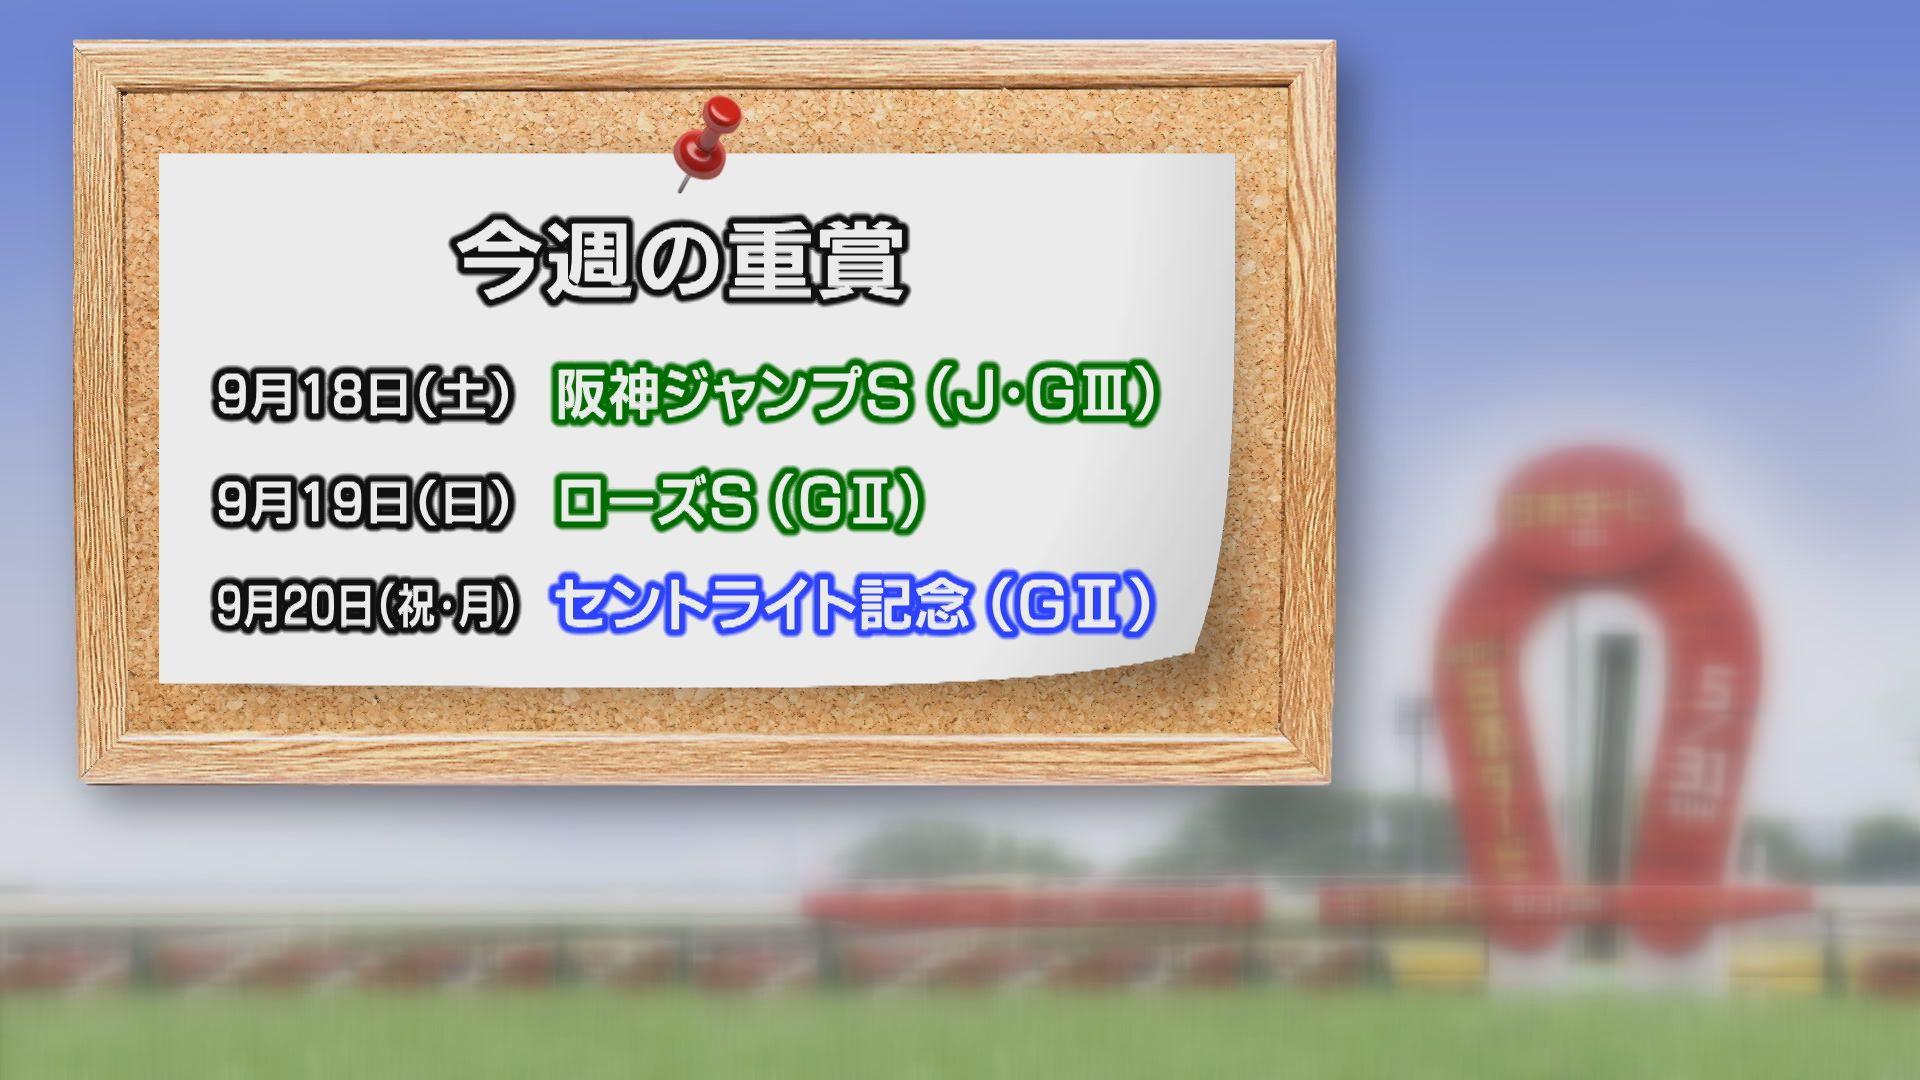 【今週の重賞インフォメーション】ローズS他 9/19(日)・20日(祝月)